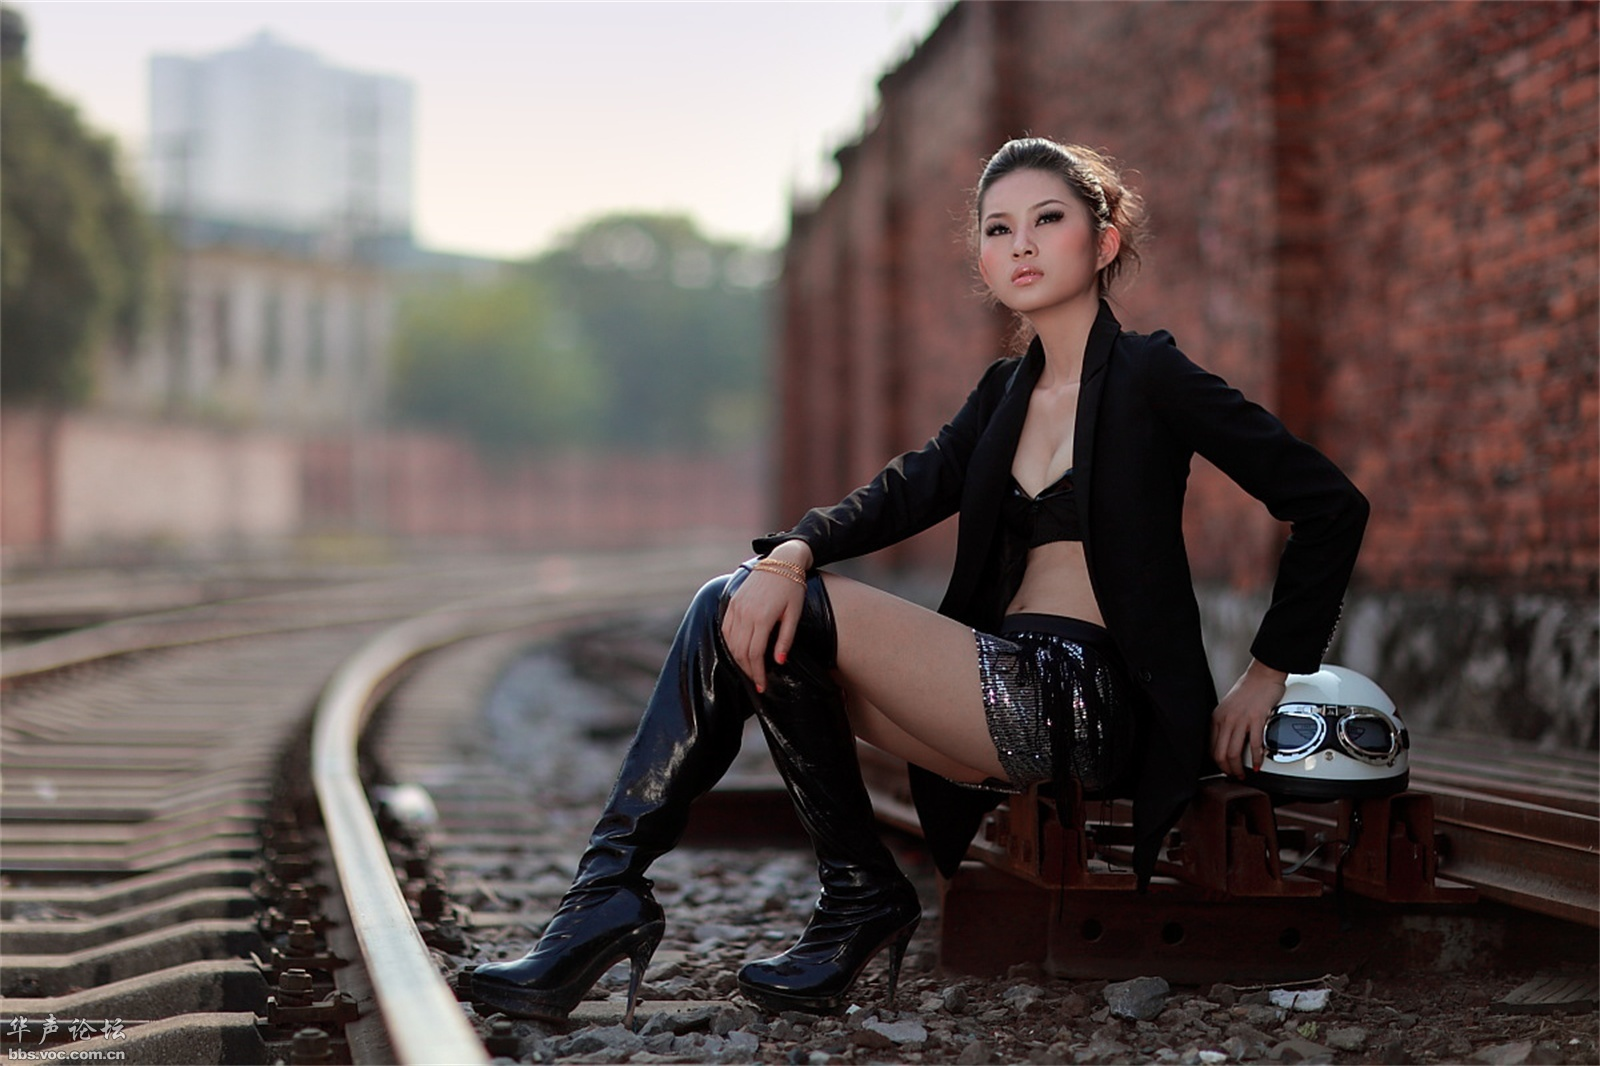 铁路上的性感美人 - 花開有聲 - 花開有聲